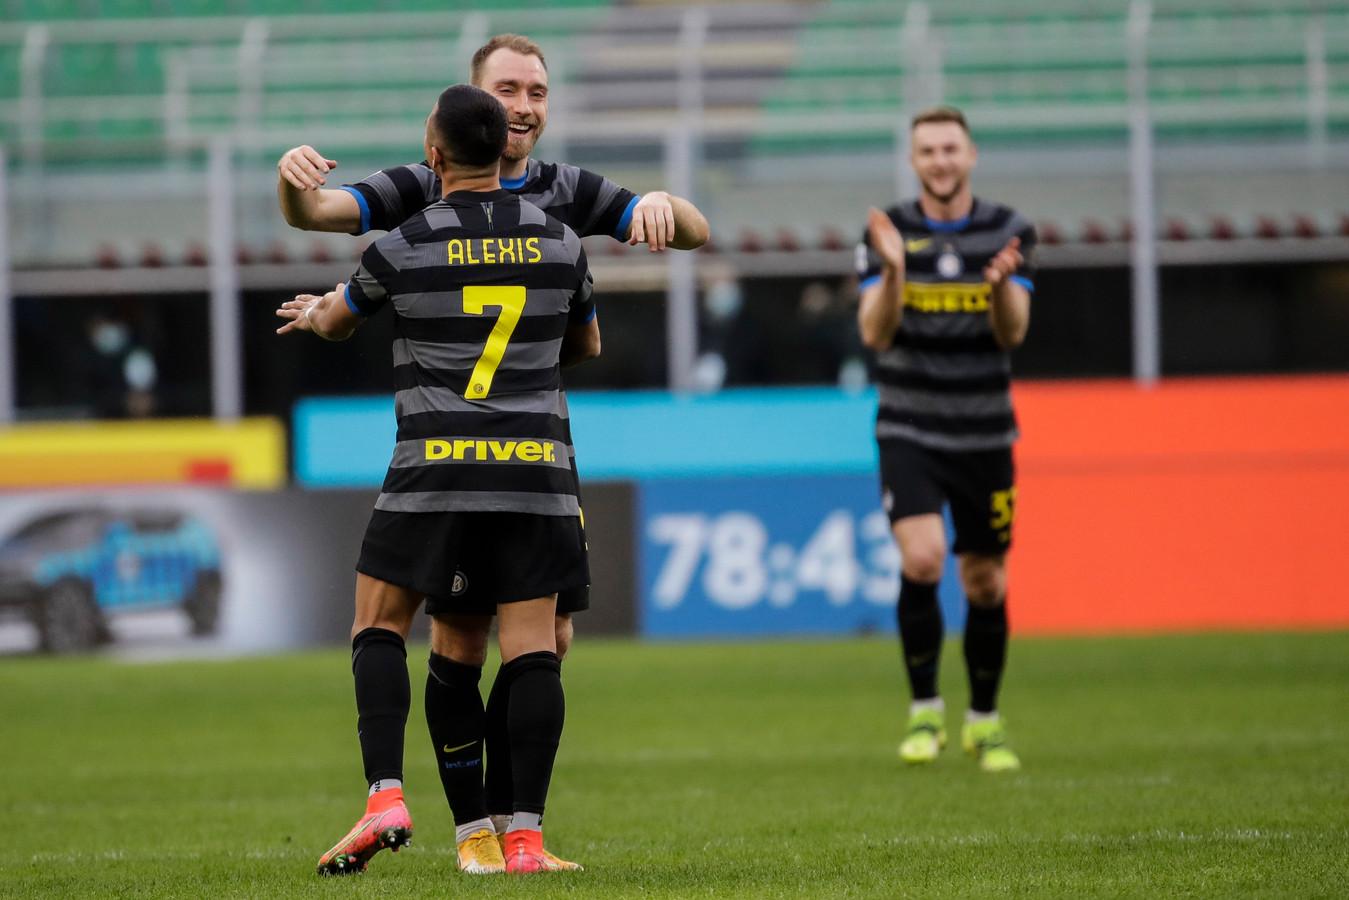 Ook Alexis pikte zijn doelpuntje mee.